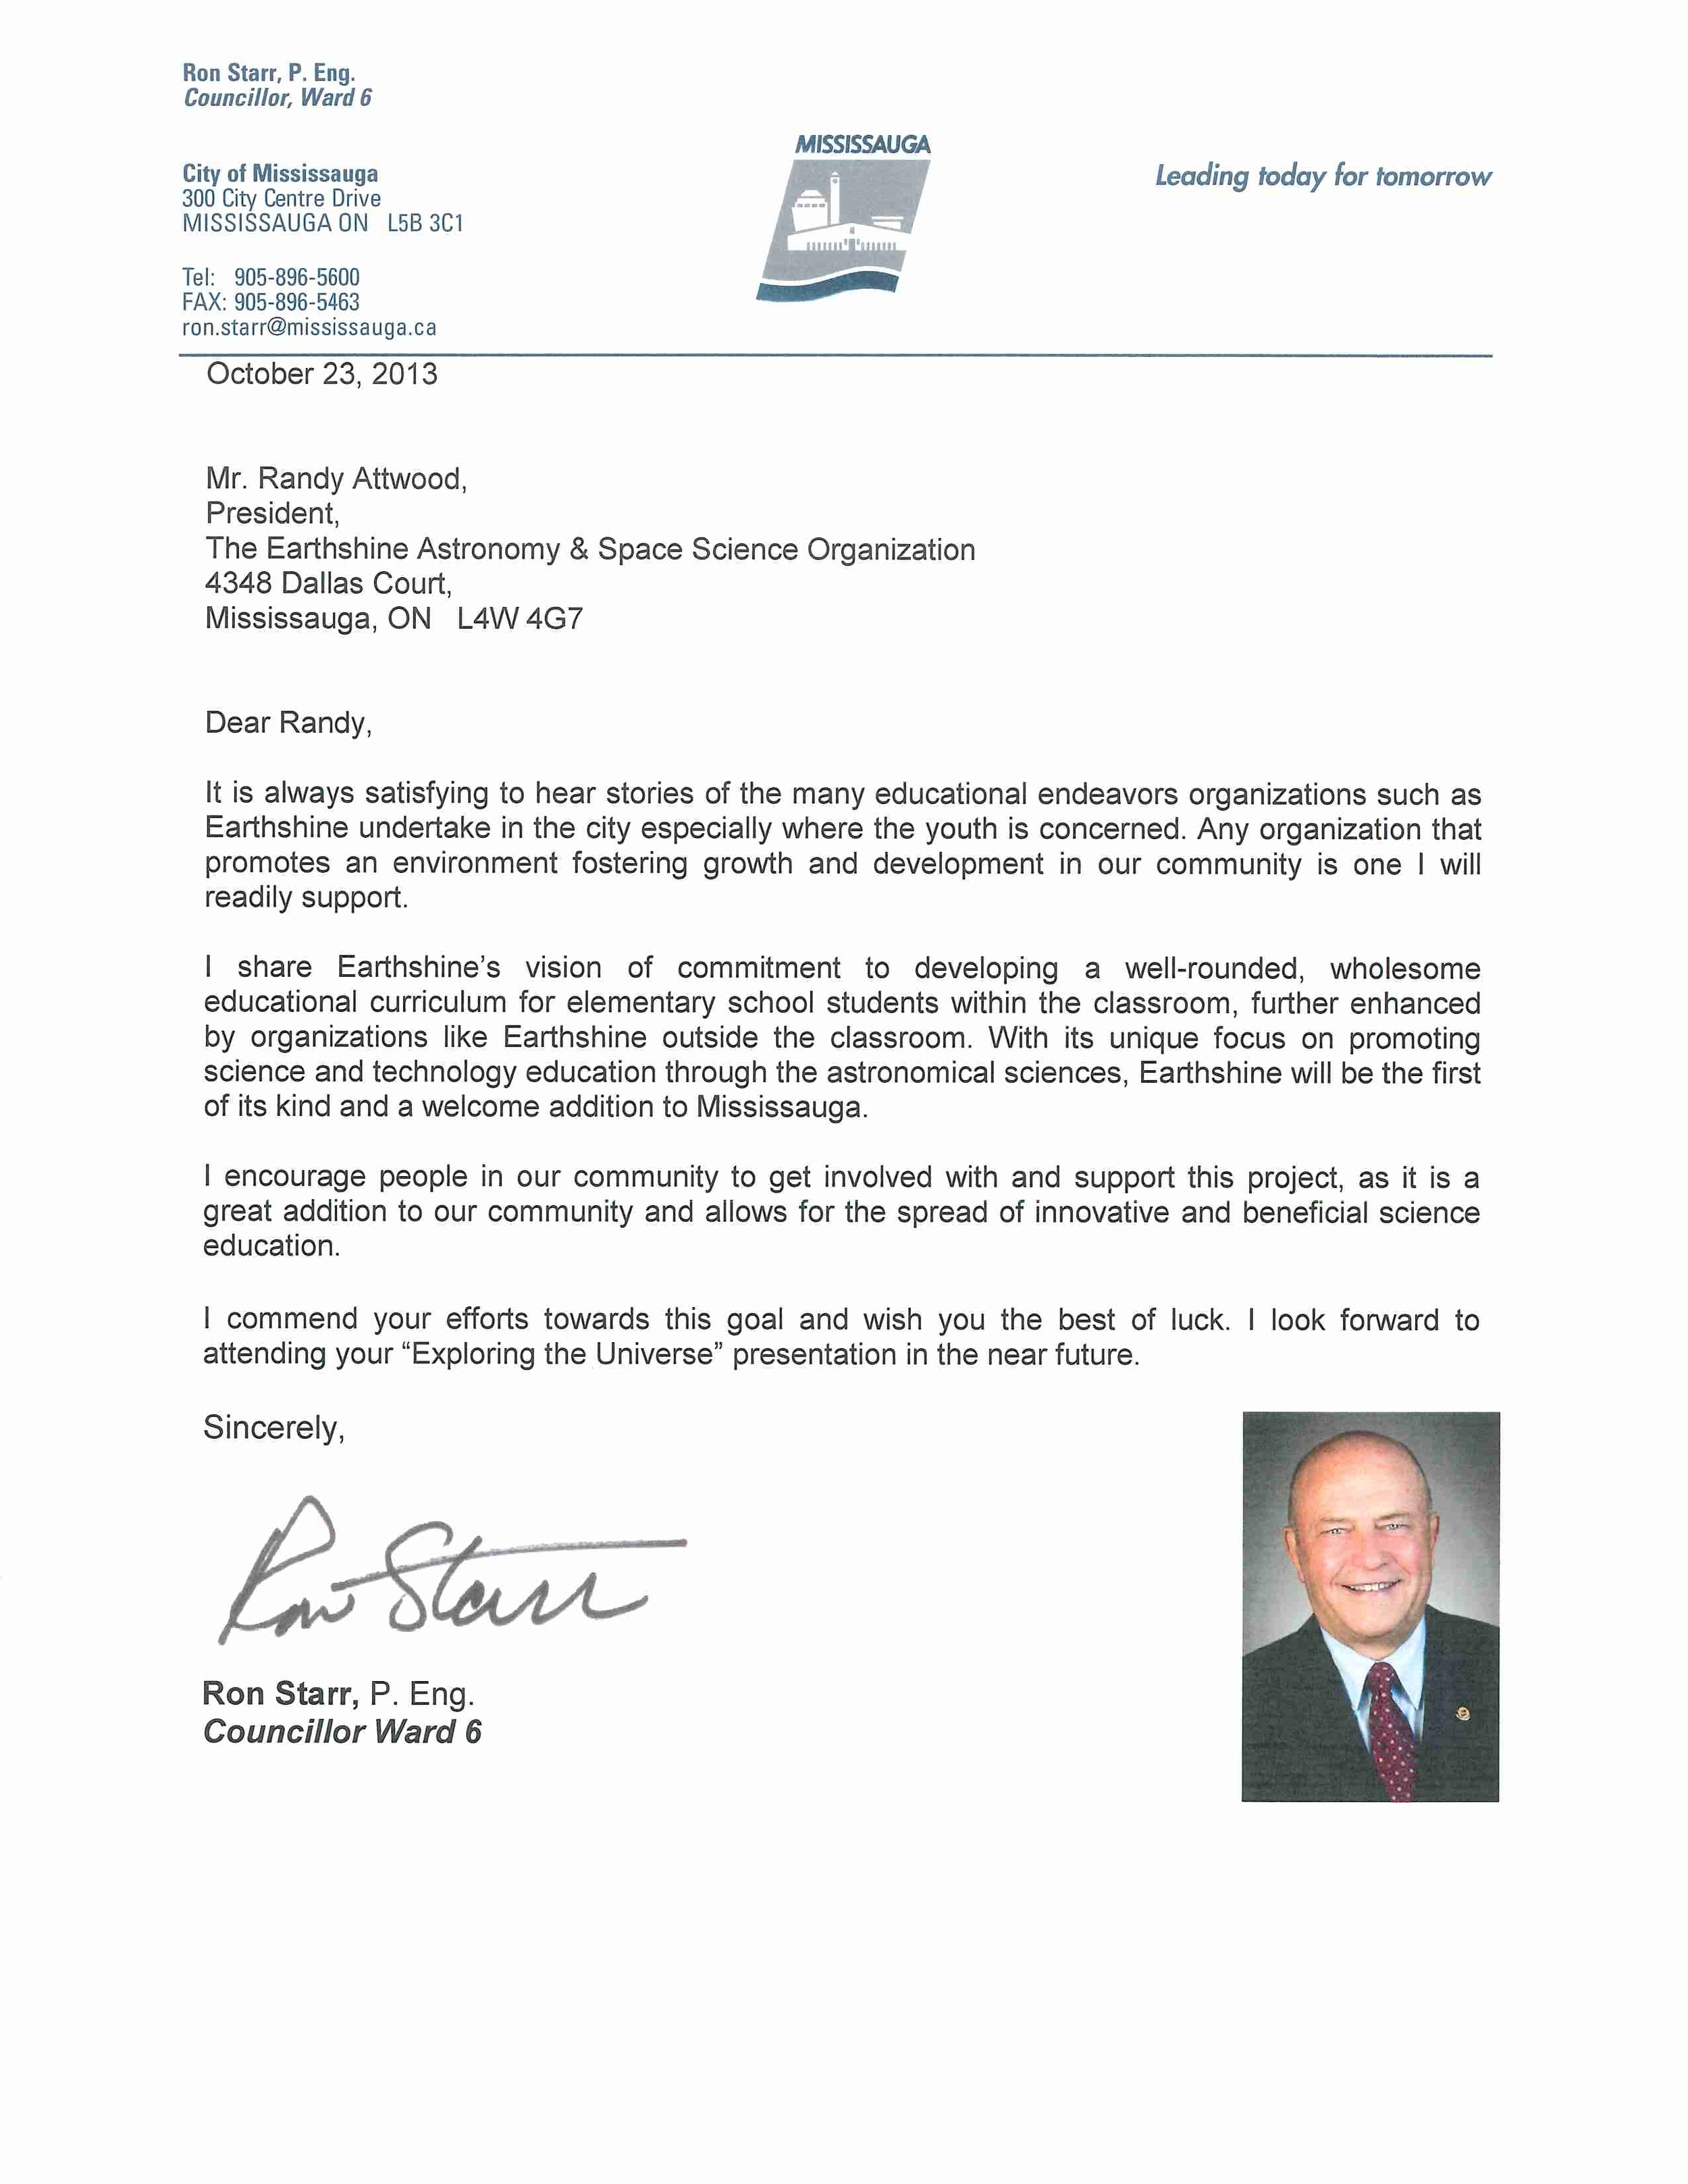 Earthshine Support Letter (2).JPG